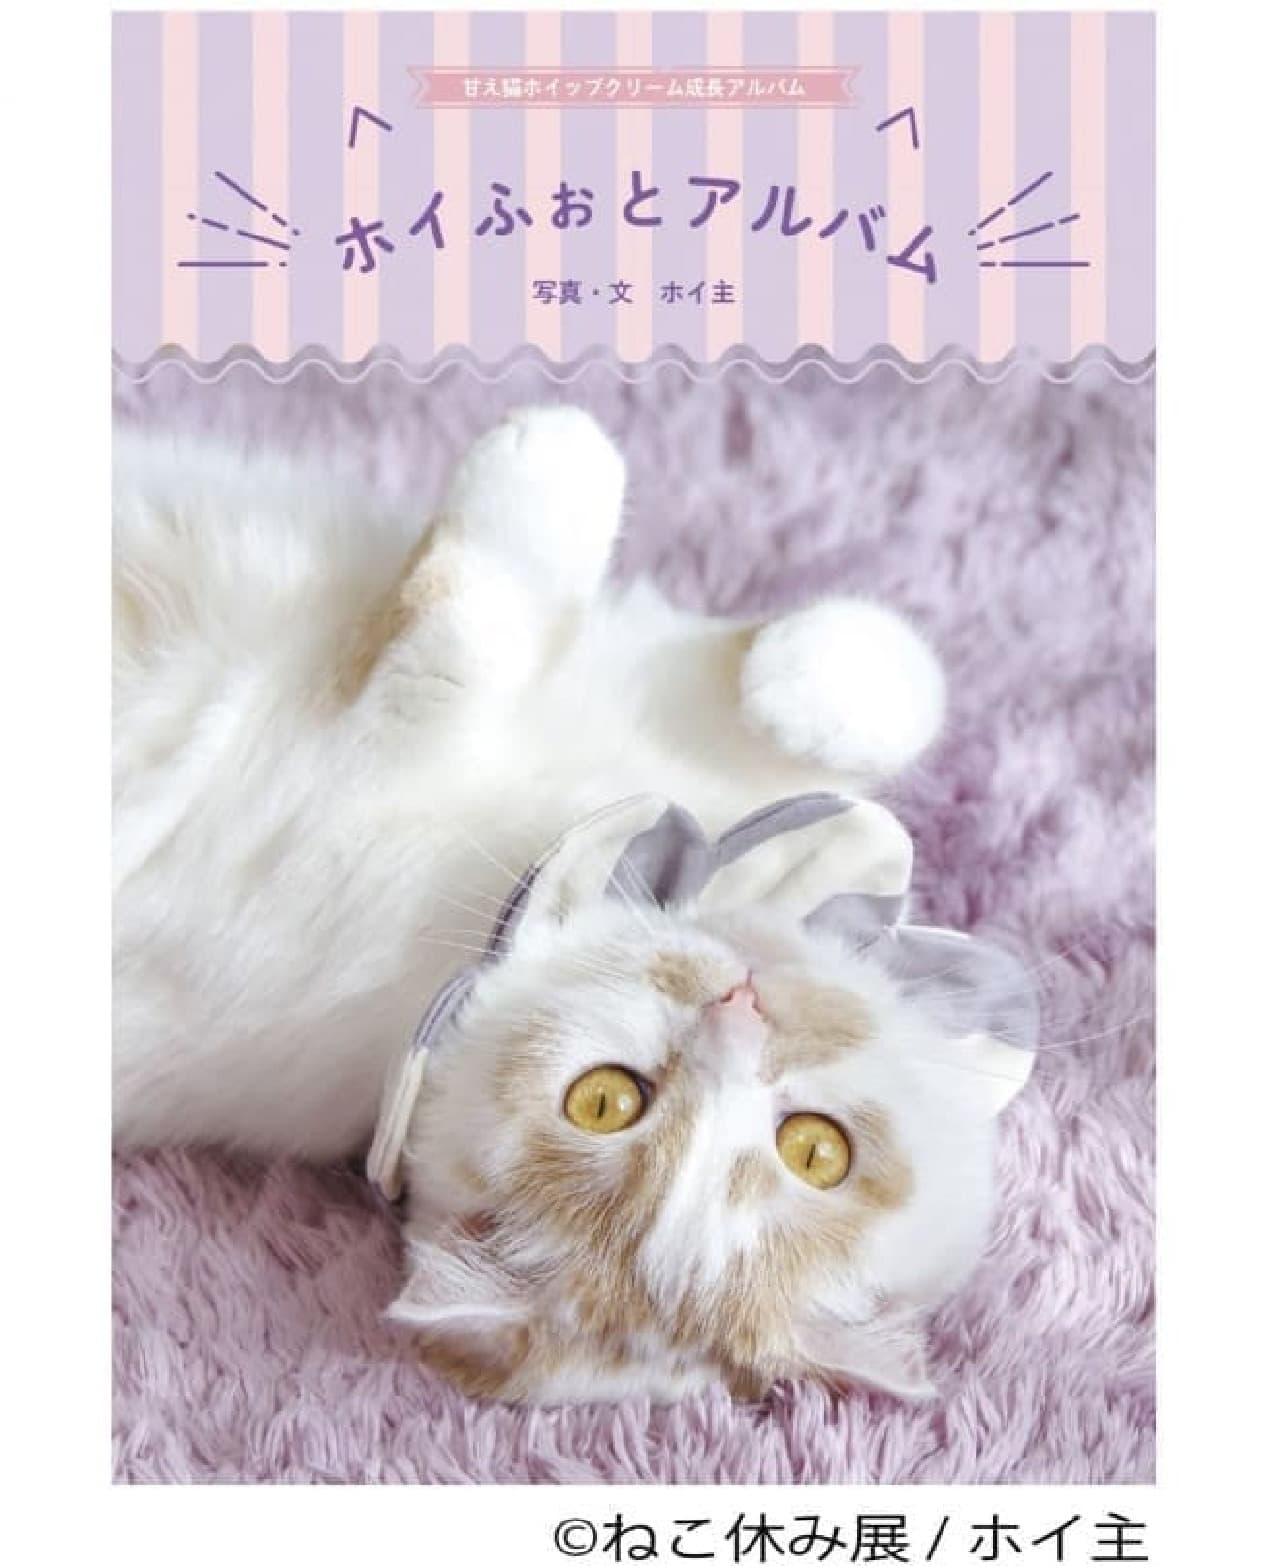 みなとみらいもネコまみれ―サンタネコたちが集合する「ねこ休み展 in 横浜みなとみらい」